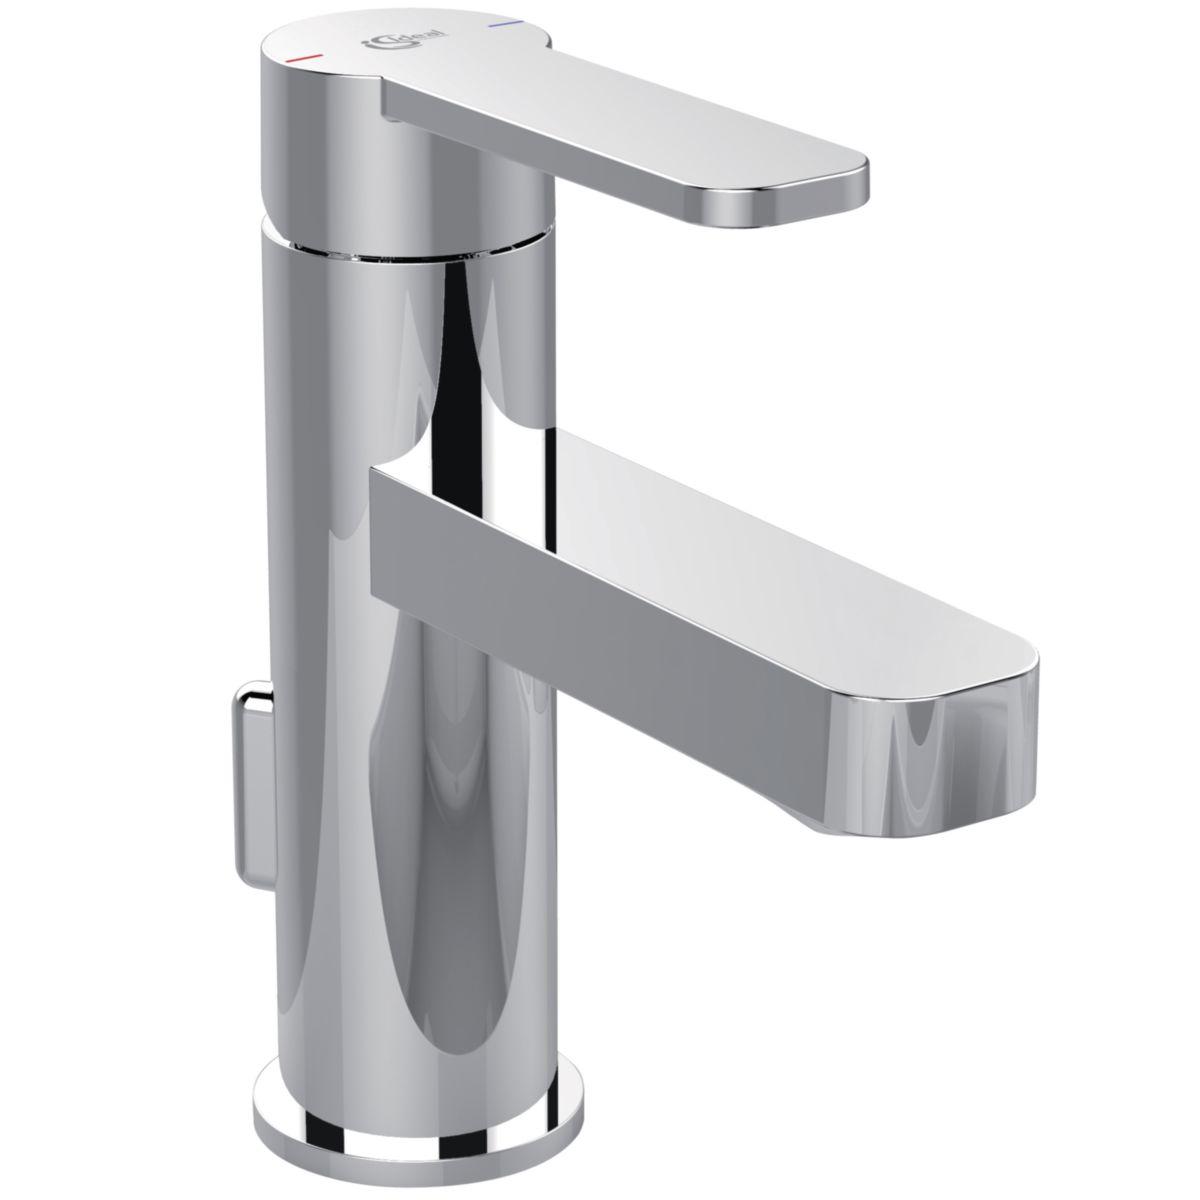 ideal standard mitigeur de lavabo monotrou kheops design avec tirette et bonde polypropyl ne. Black Bedroom Furniture Sets. Home Design Ideas